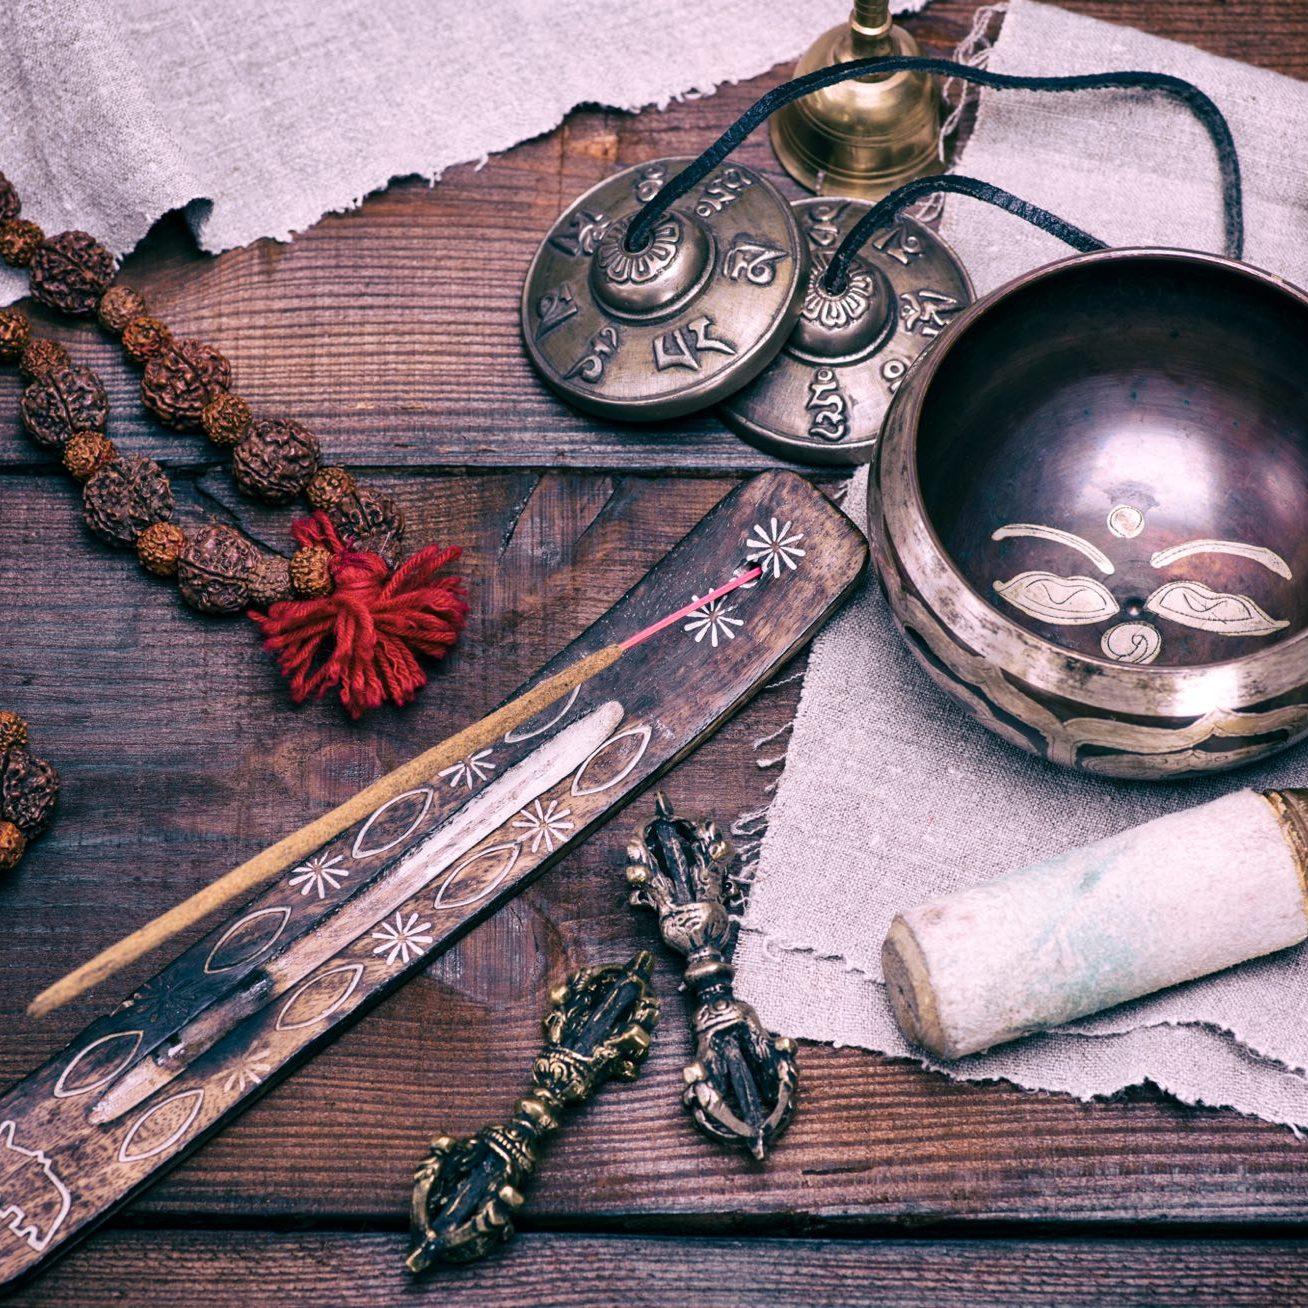 bg-healing-arts-02